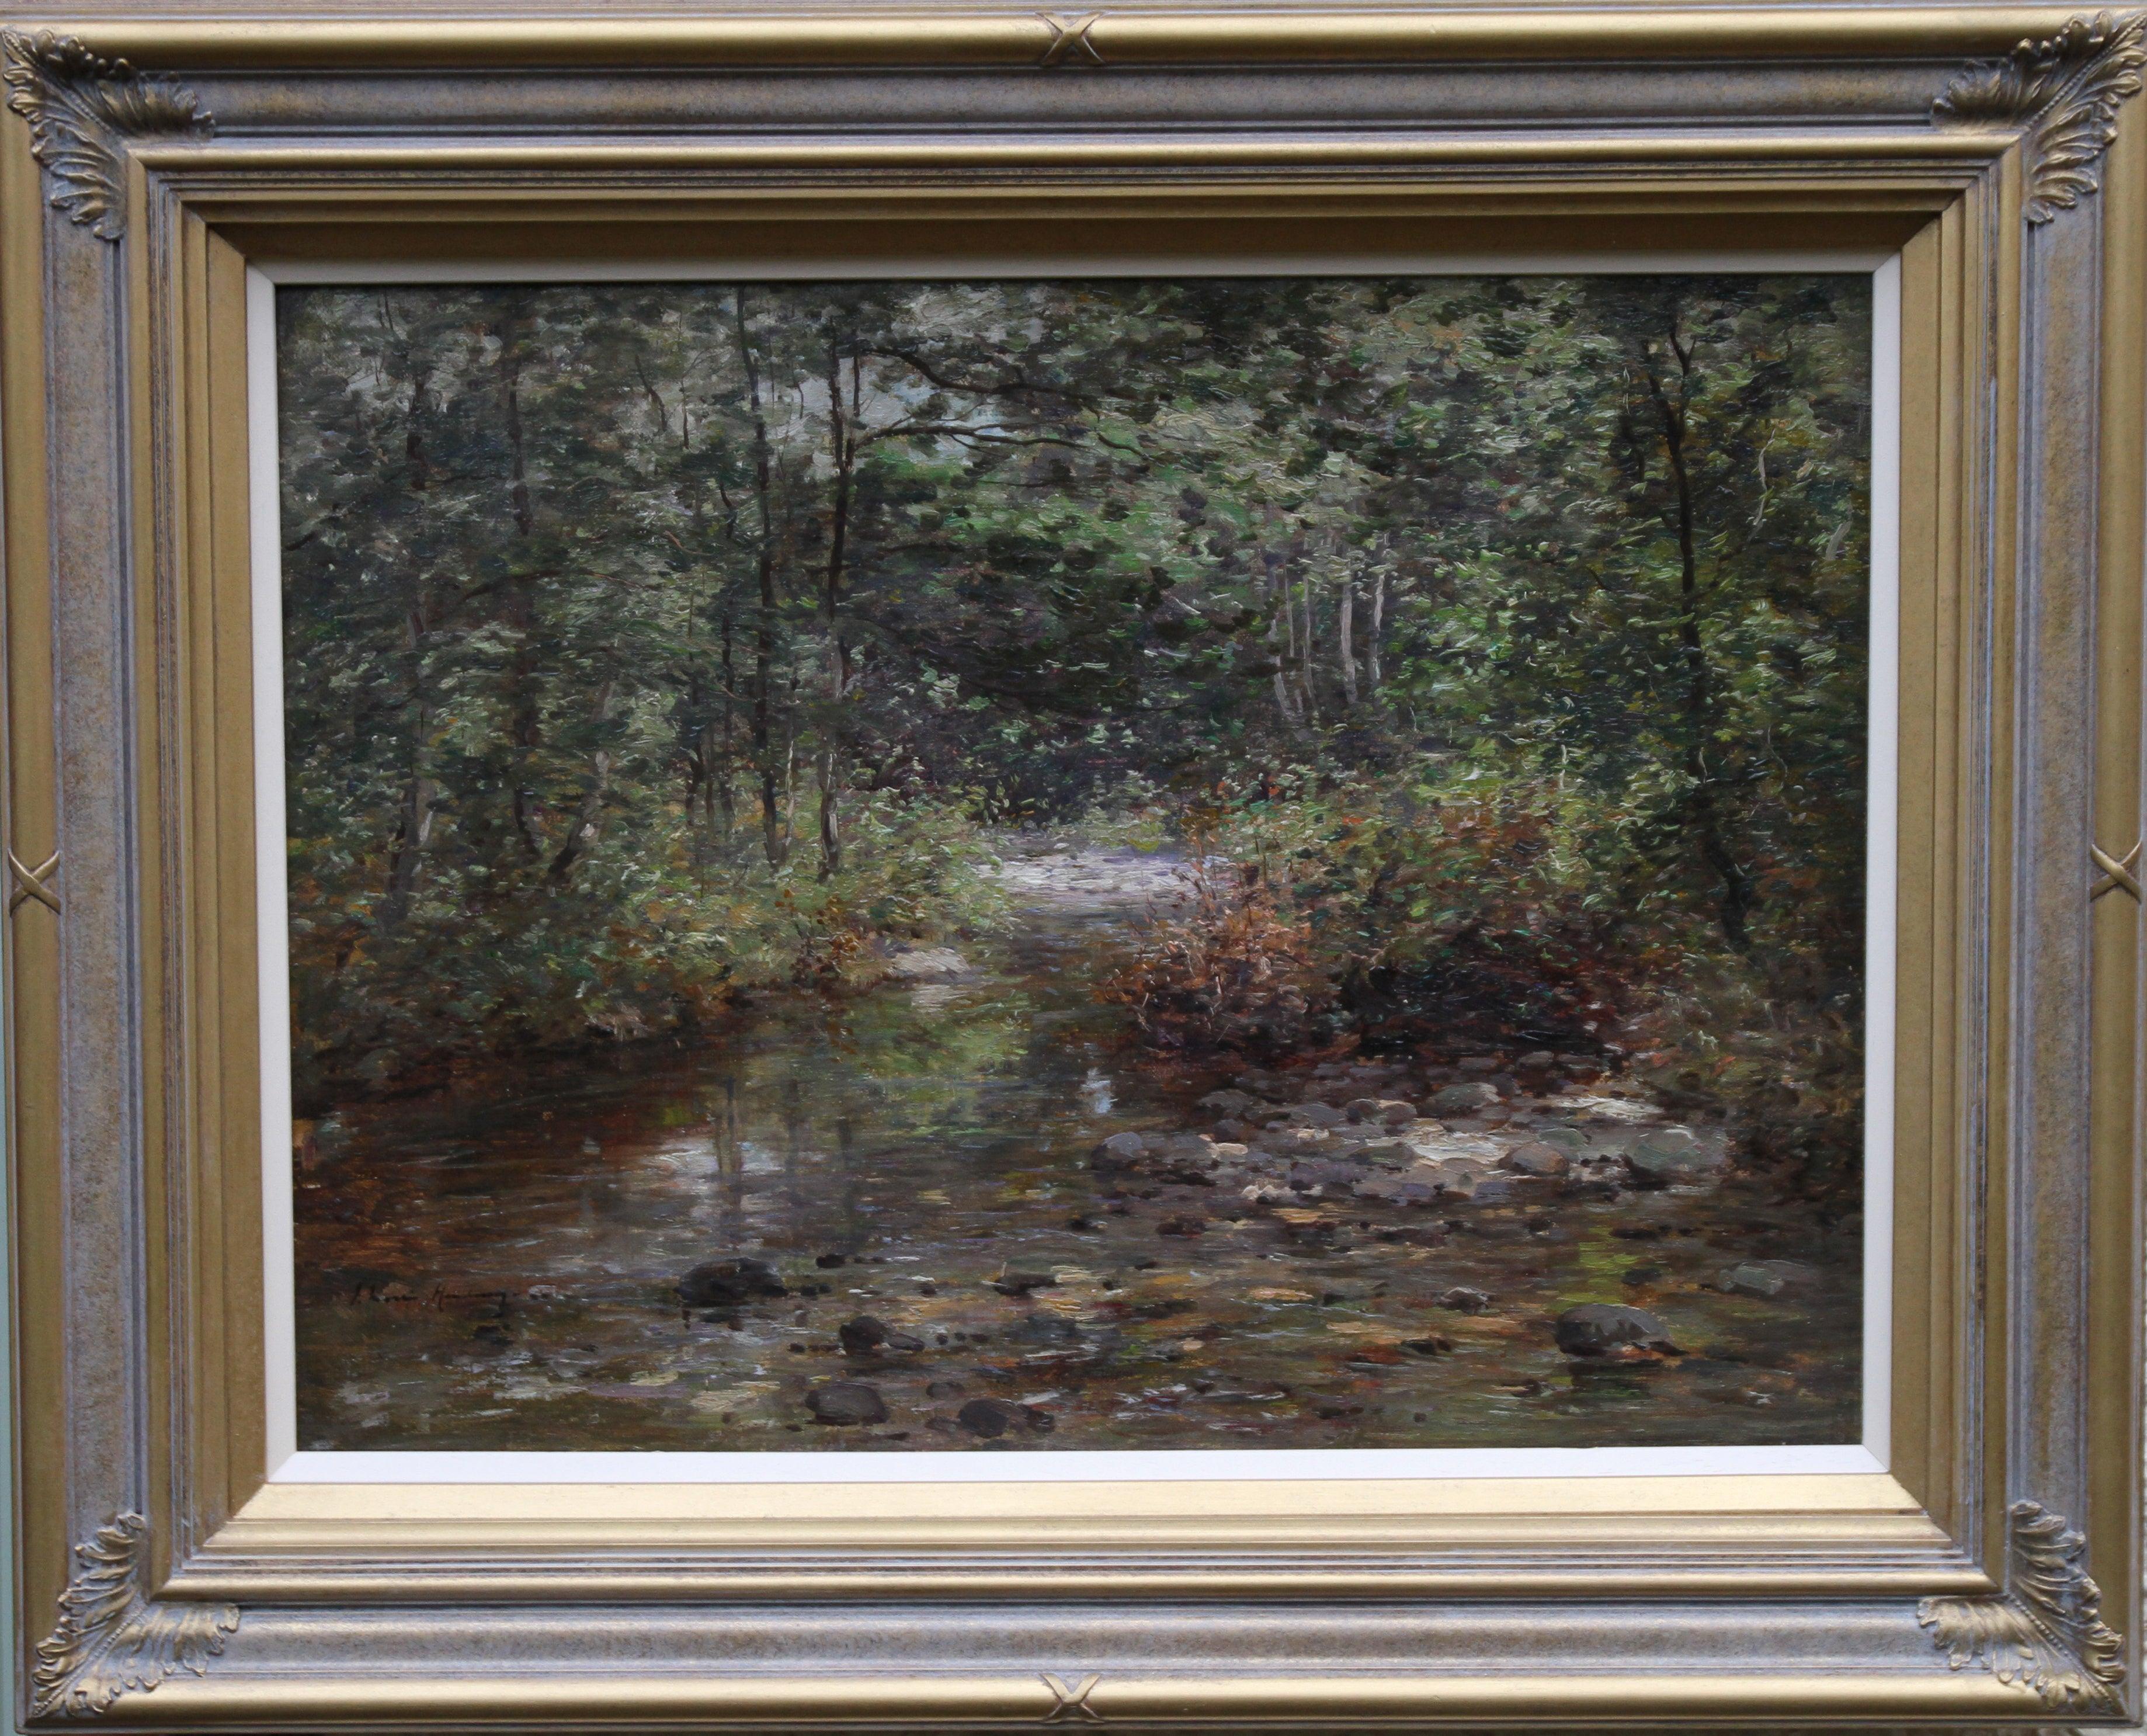 The Burn -Scottish Edwardian exhibited art Impressionist landscape oil painting